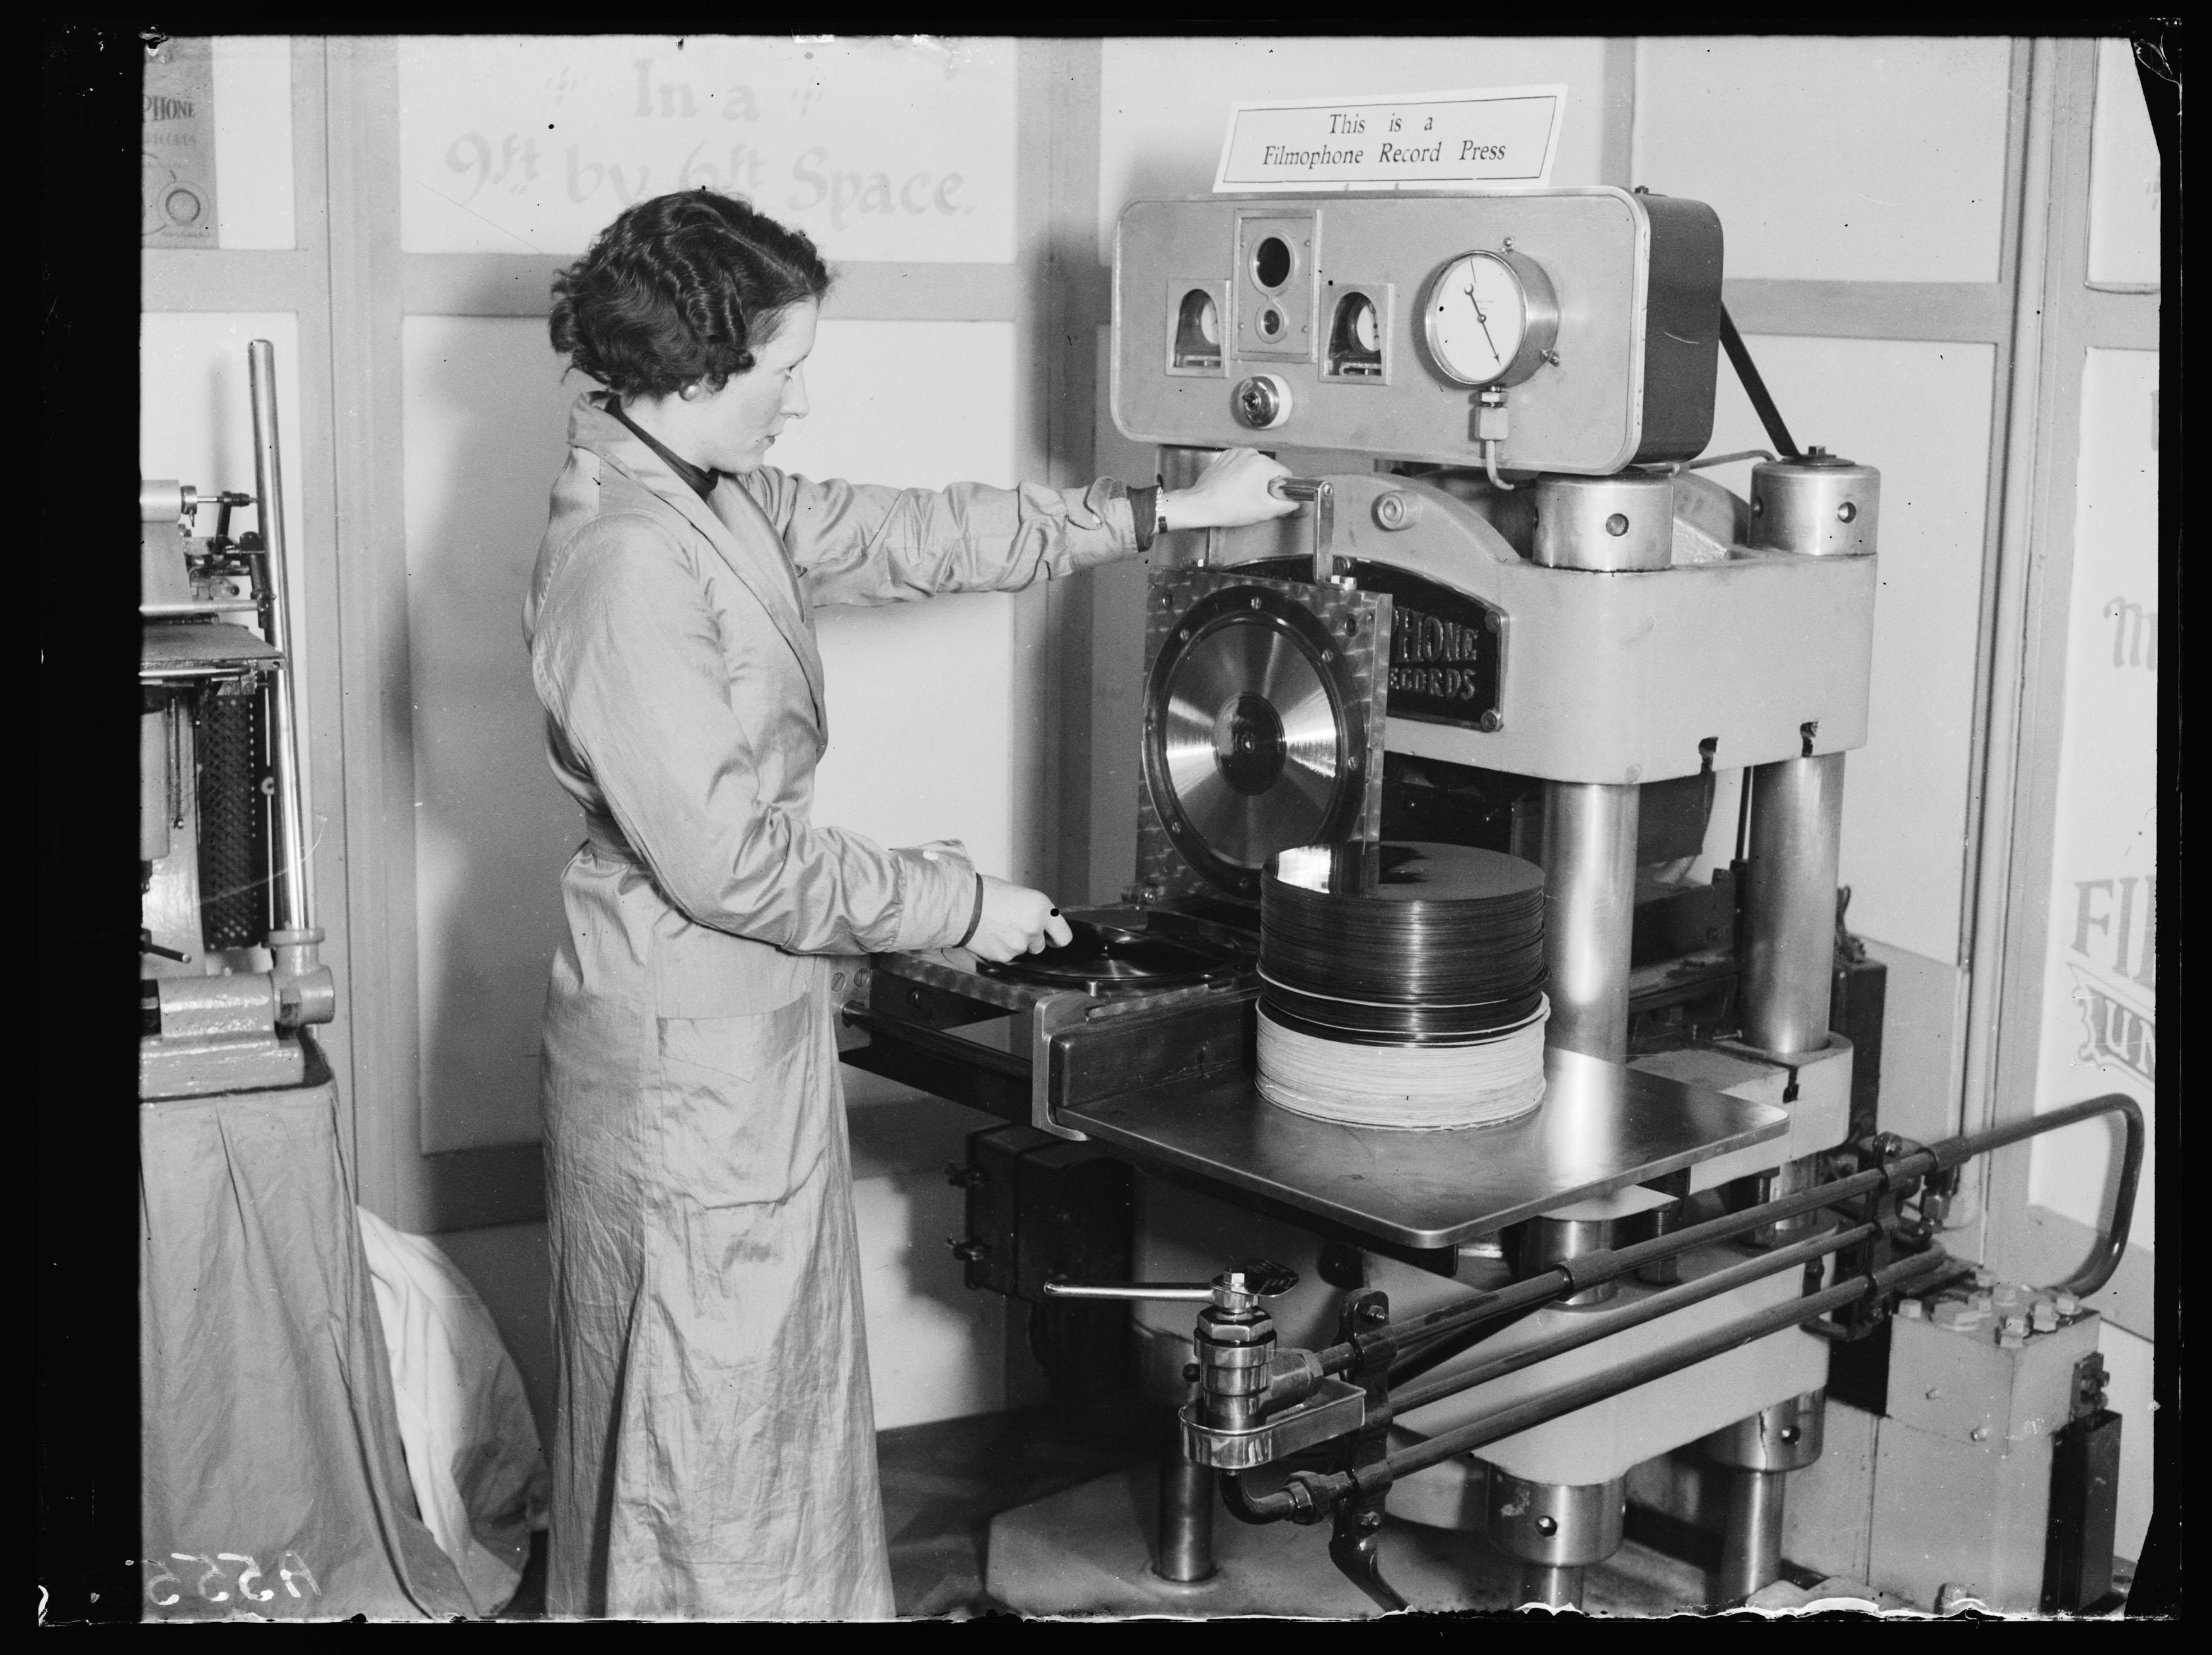 So ähnlich sieht sie auch heute noch aus: Die Vinyl-Presse. Das soll sich bald ändern.